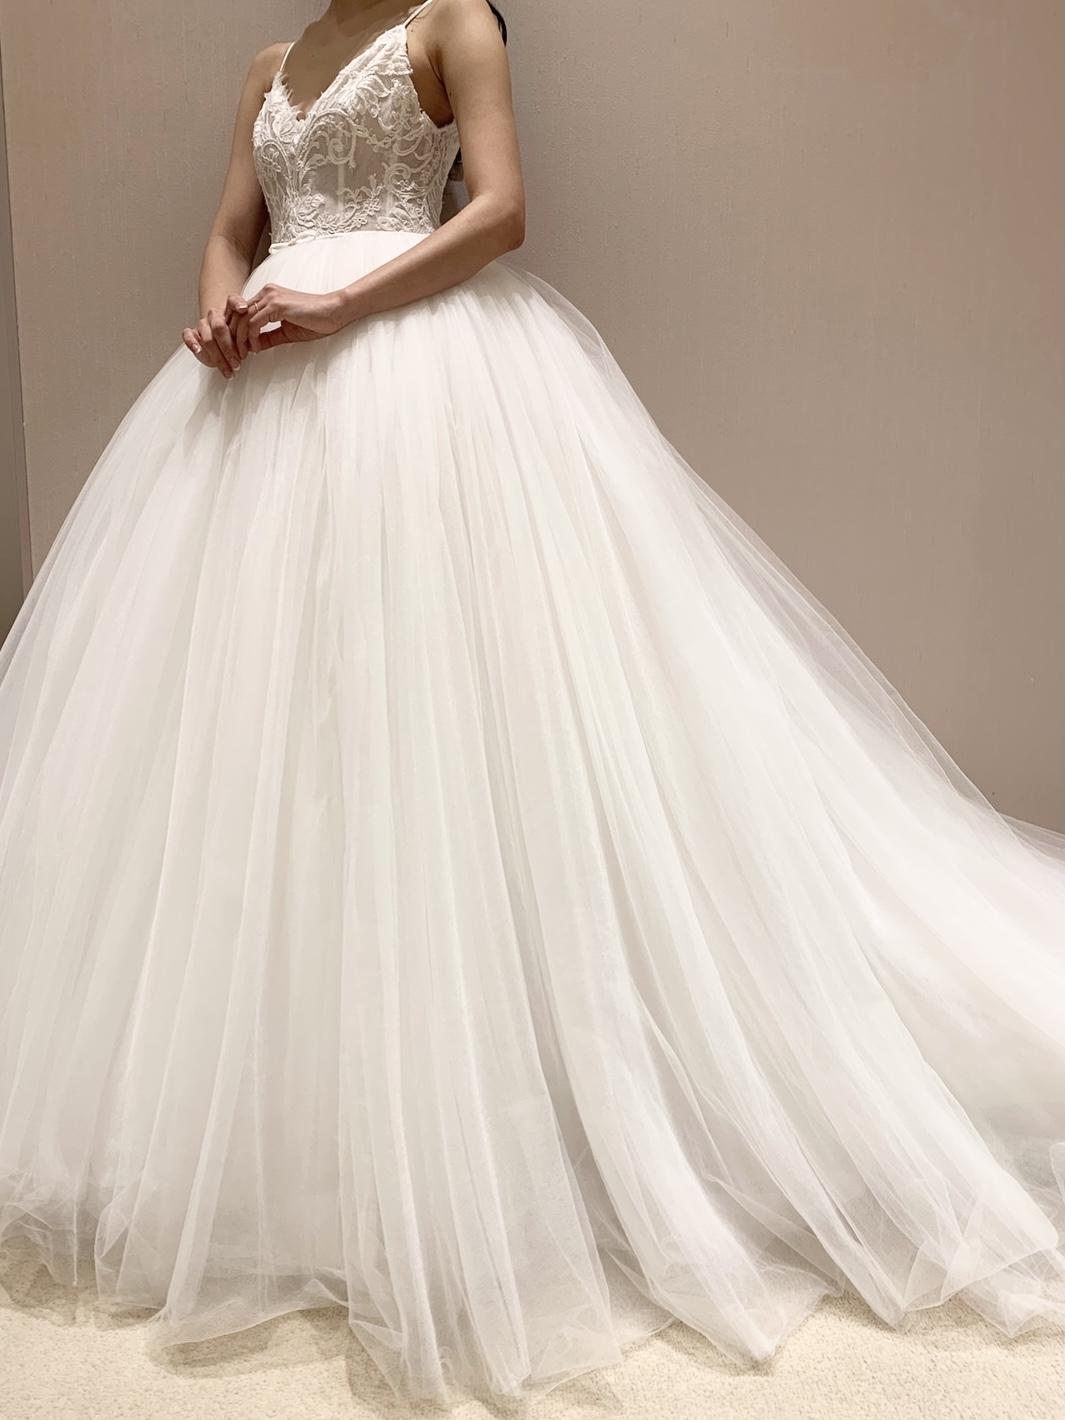 THETREATDRESSING神戸店からMonique Lhuillierのプリンセスラインのドレスのご紹介